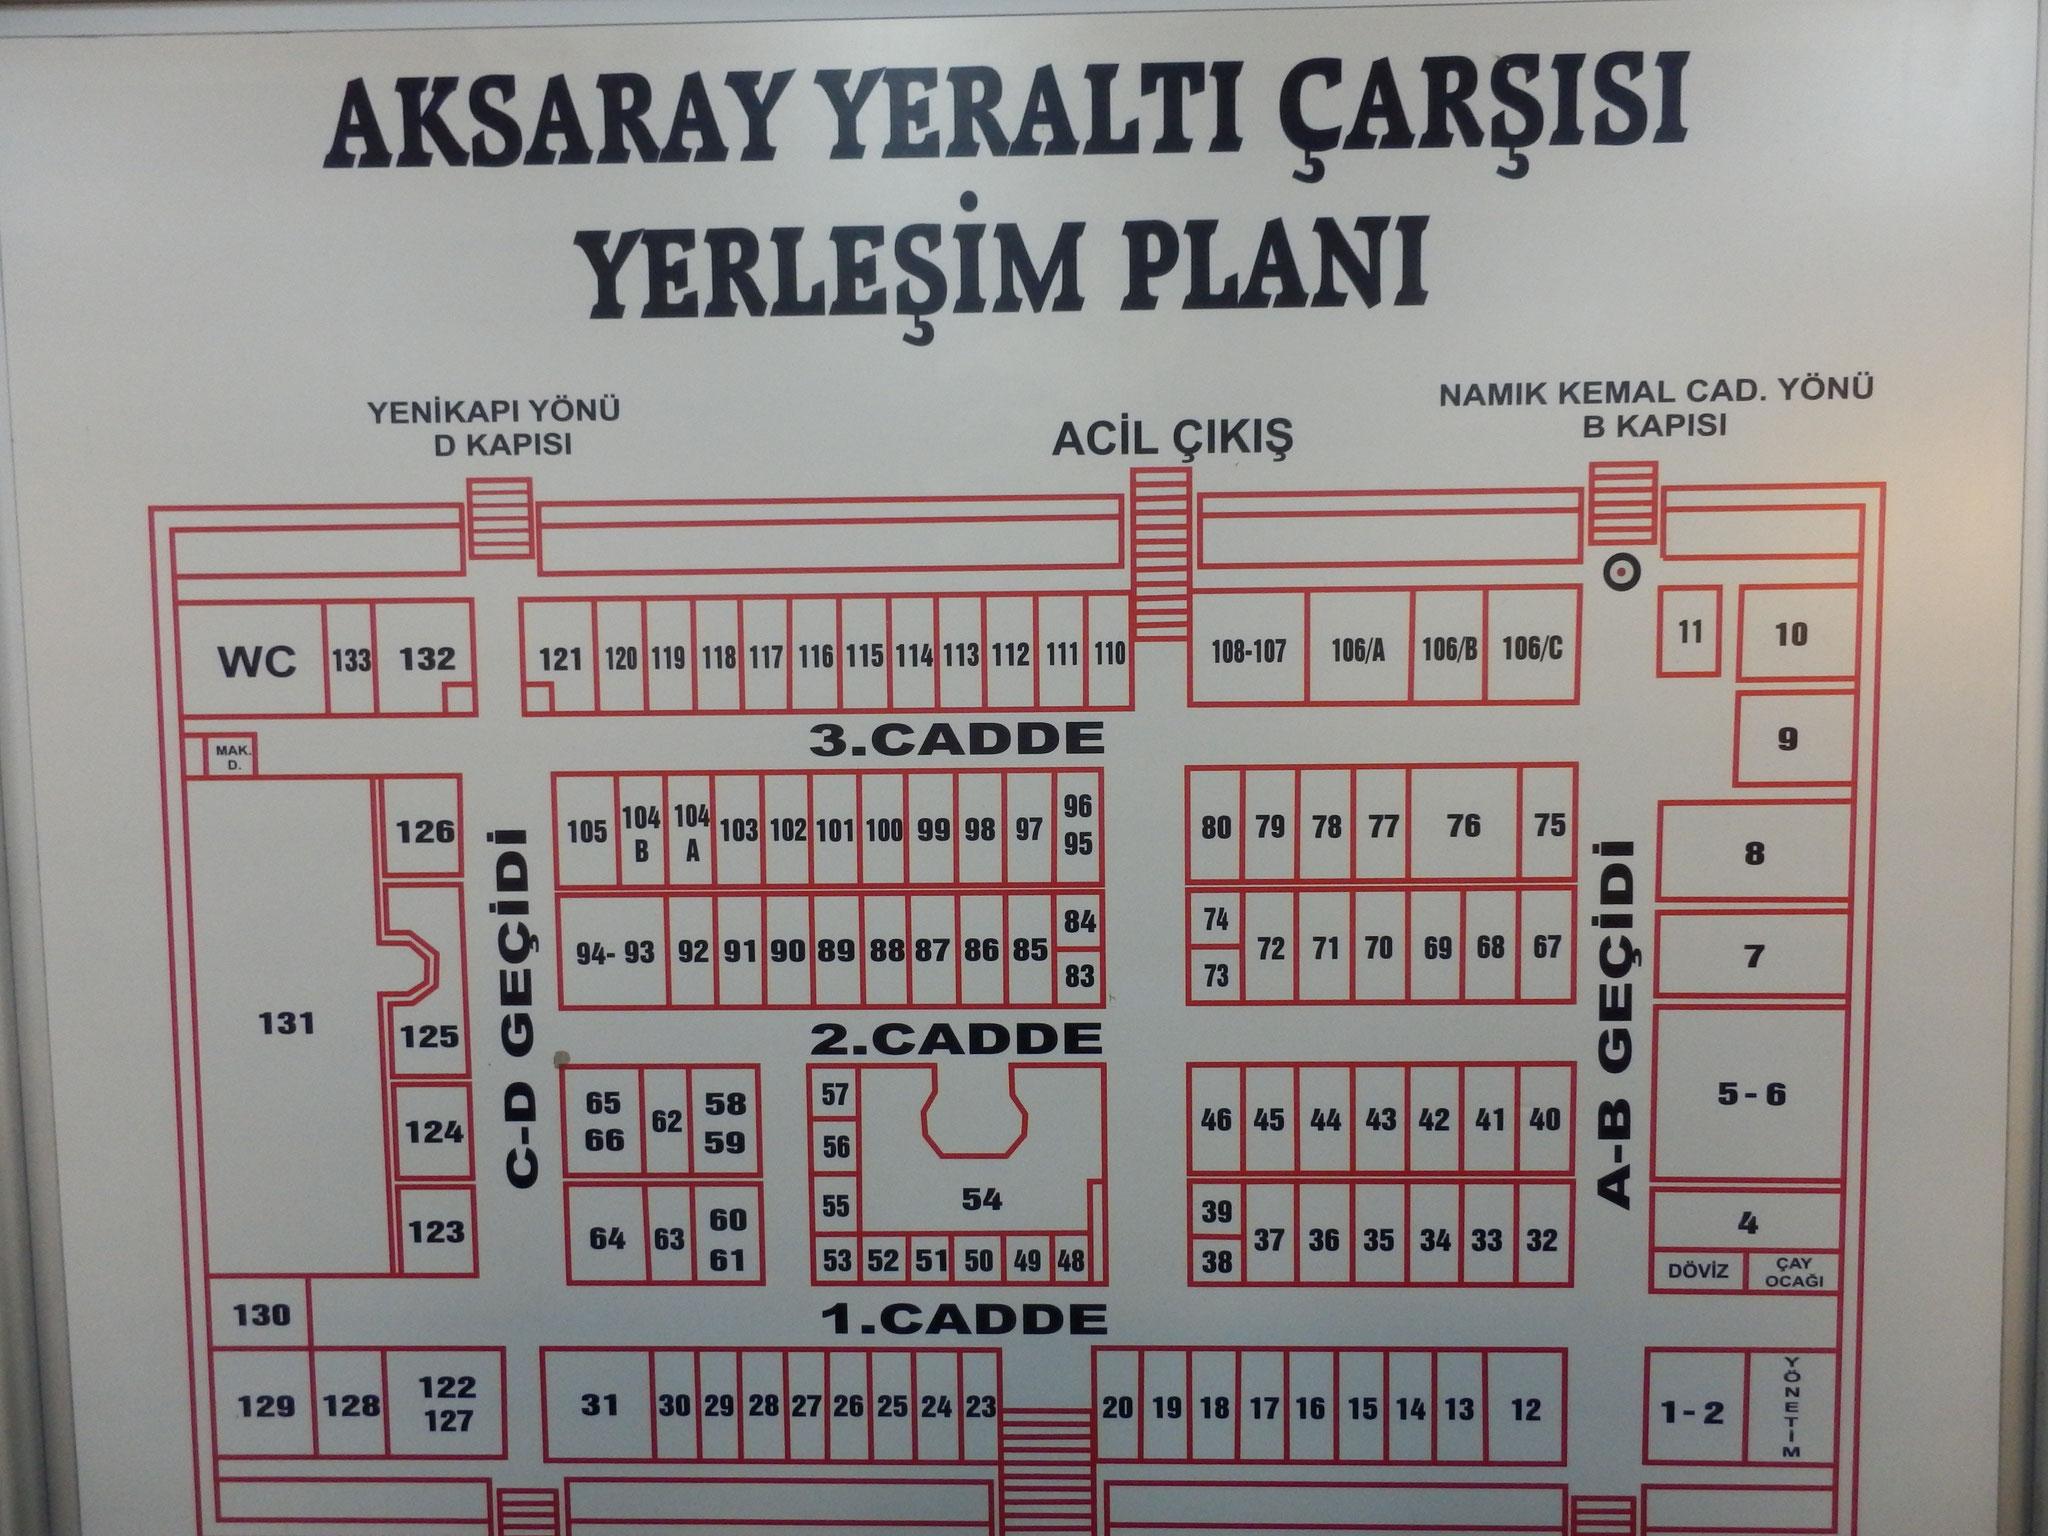 アクサライ地下商店街案内図